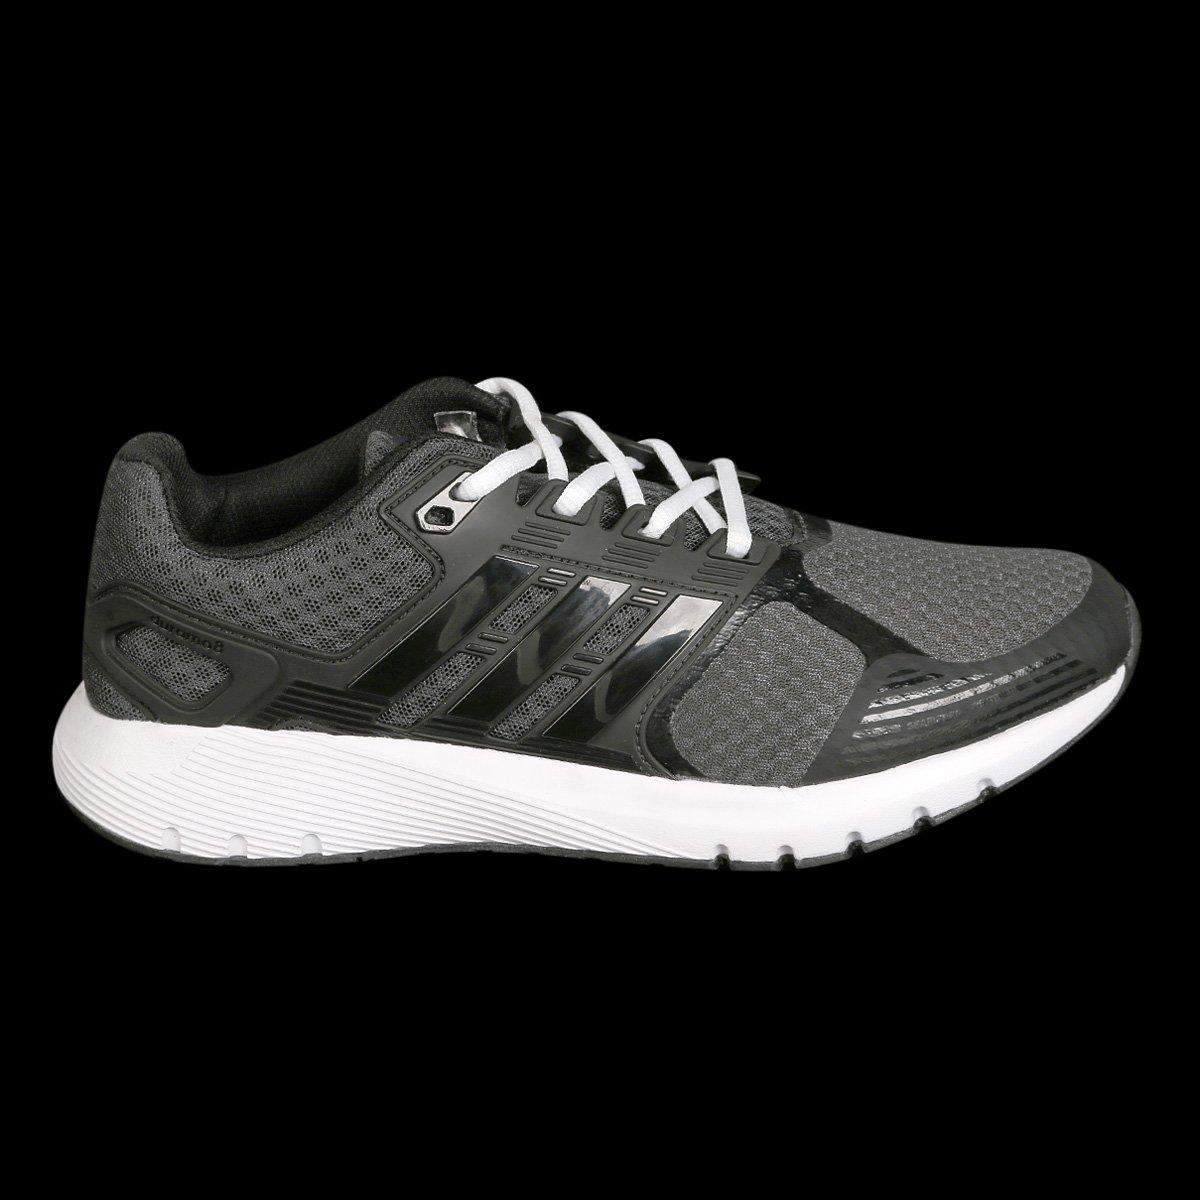 Tênis Adidas Duramo 8 Feminino - Preto - Compre Agora  2f882f0e8ed09